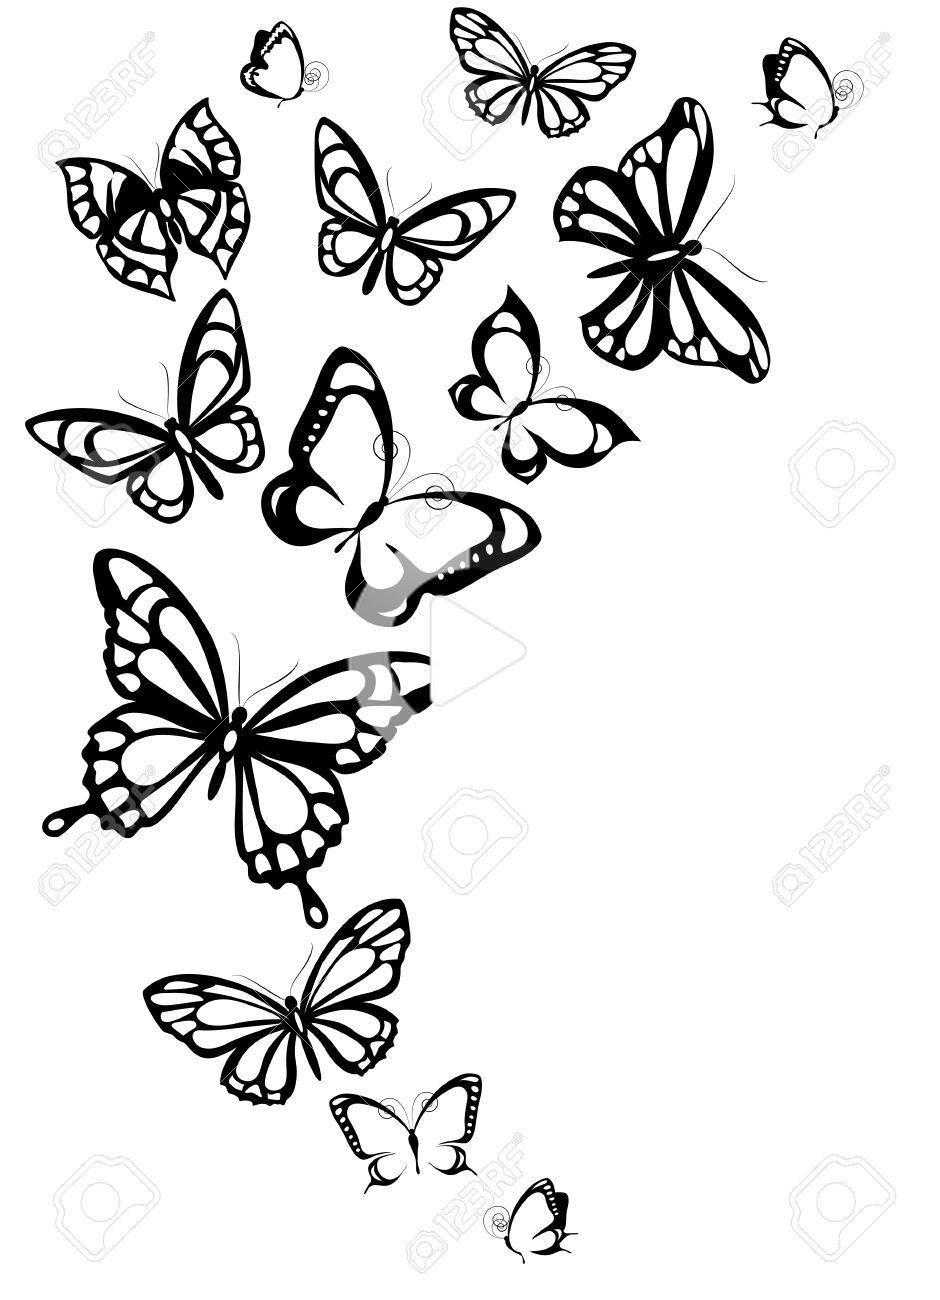 stock photo schmetterlingszeichnung schmetterling tattoo vorlage zeichnen butterfly drawing simple butterflies vektorgrafik dateiformat